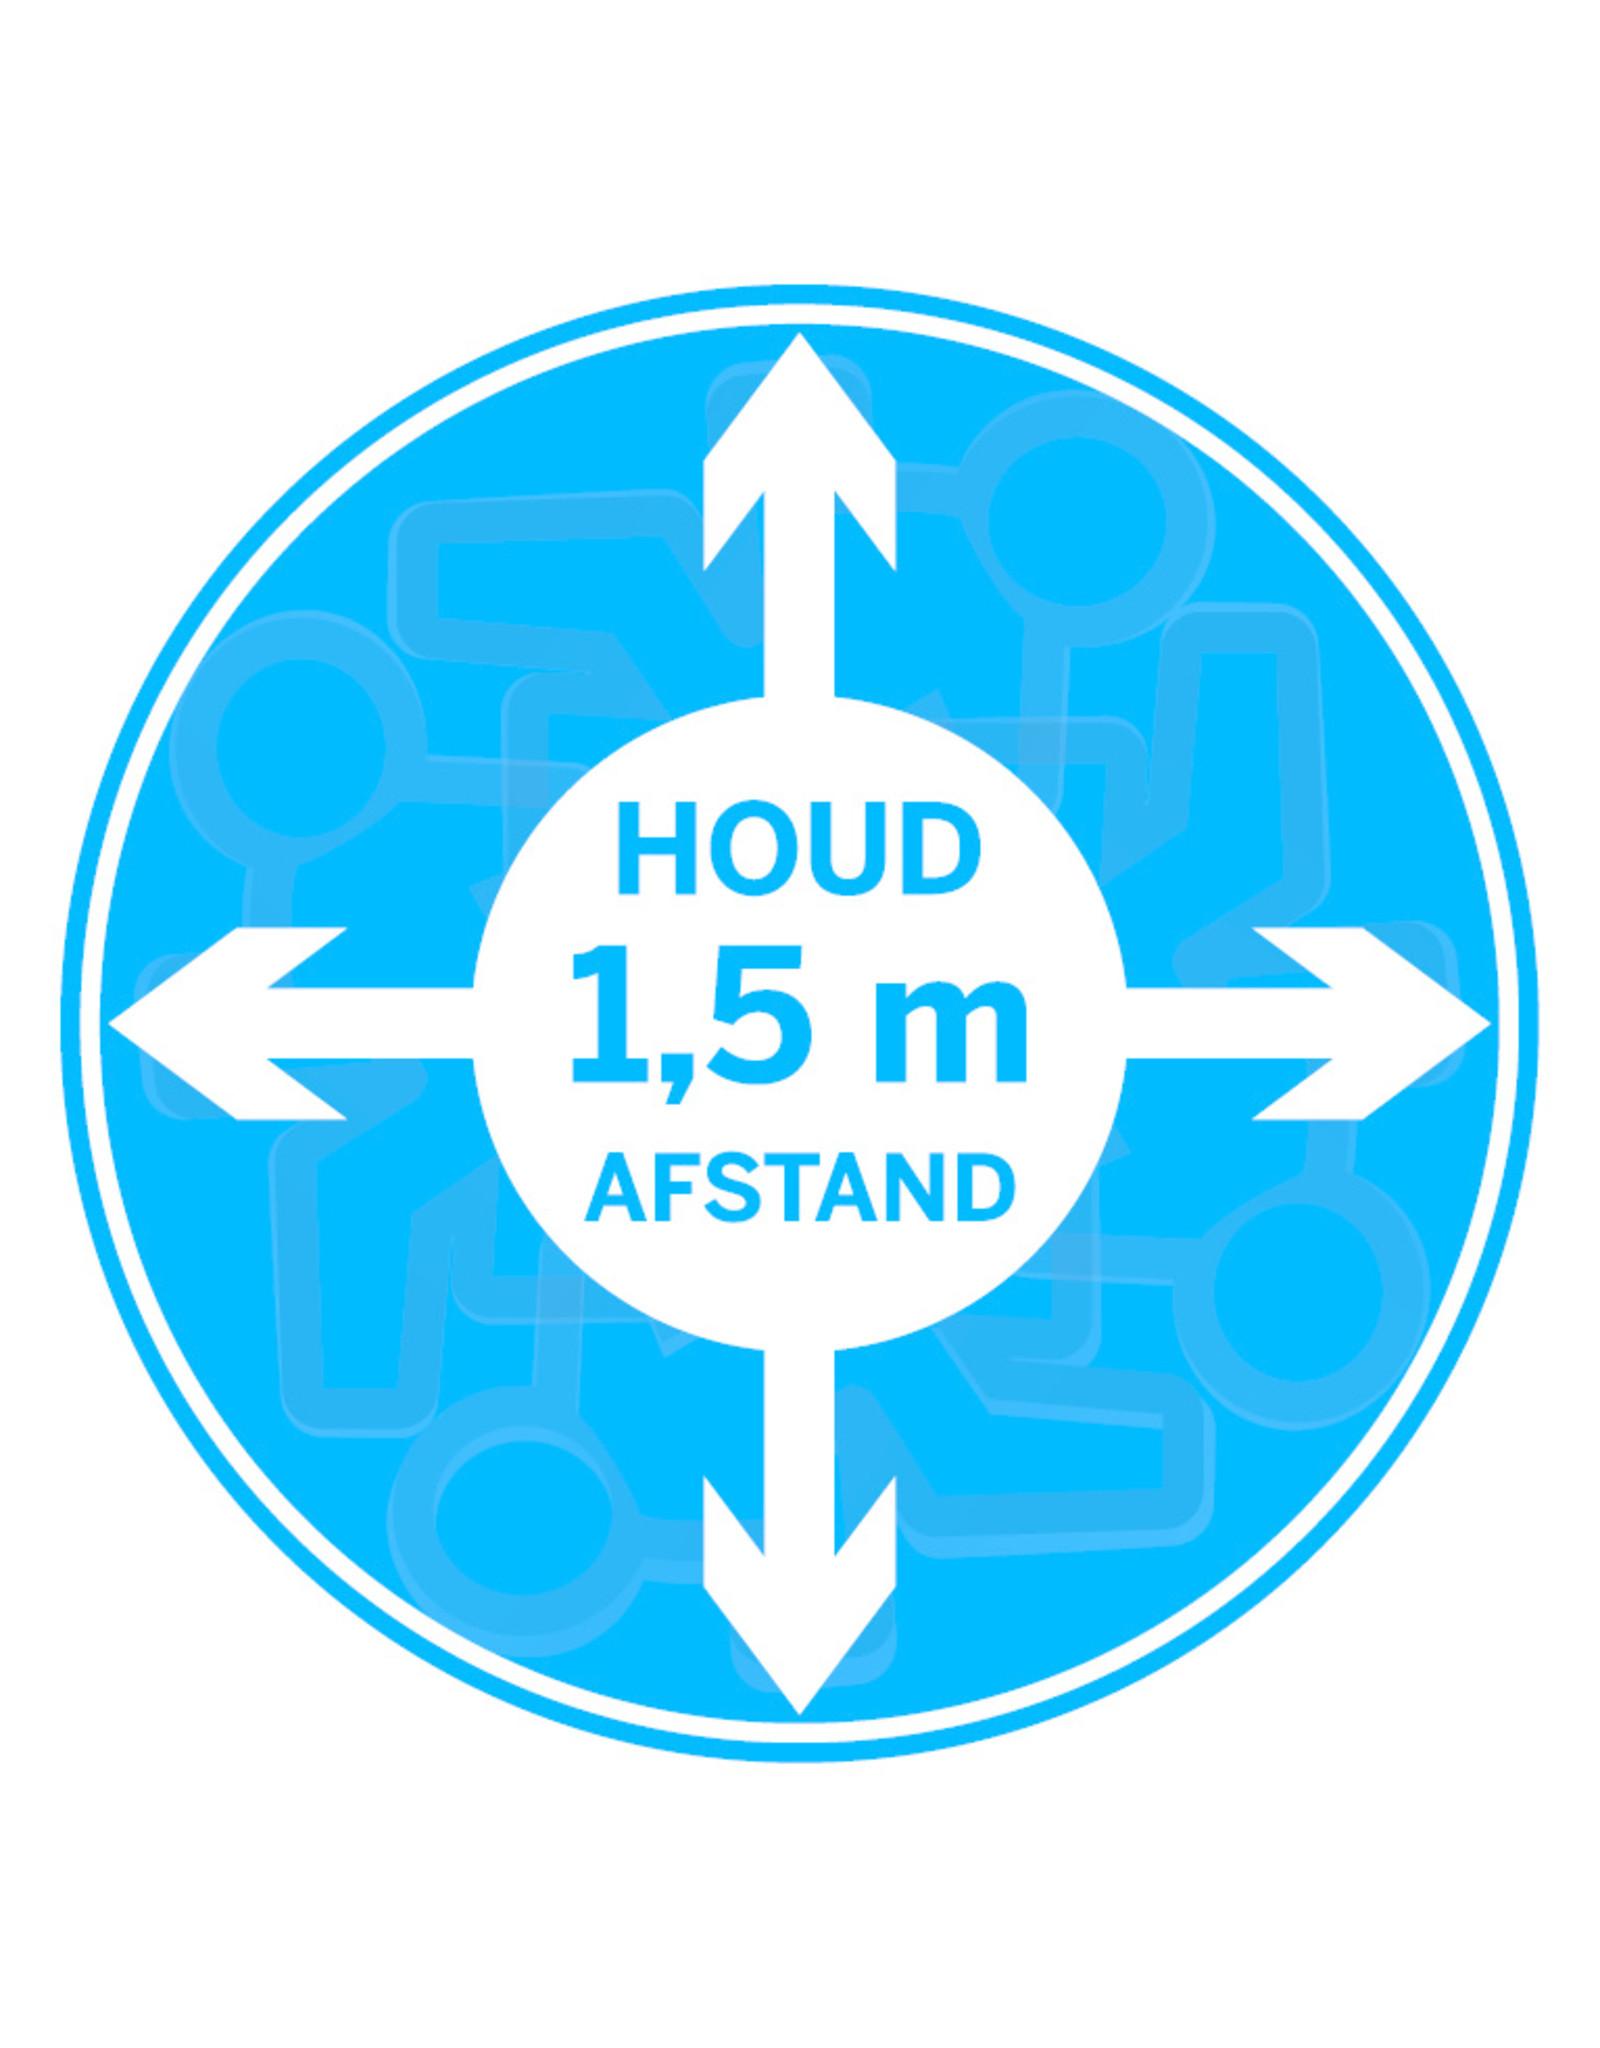 Sticker: houd 1,5 m afstand